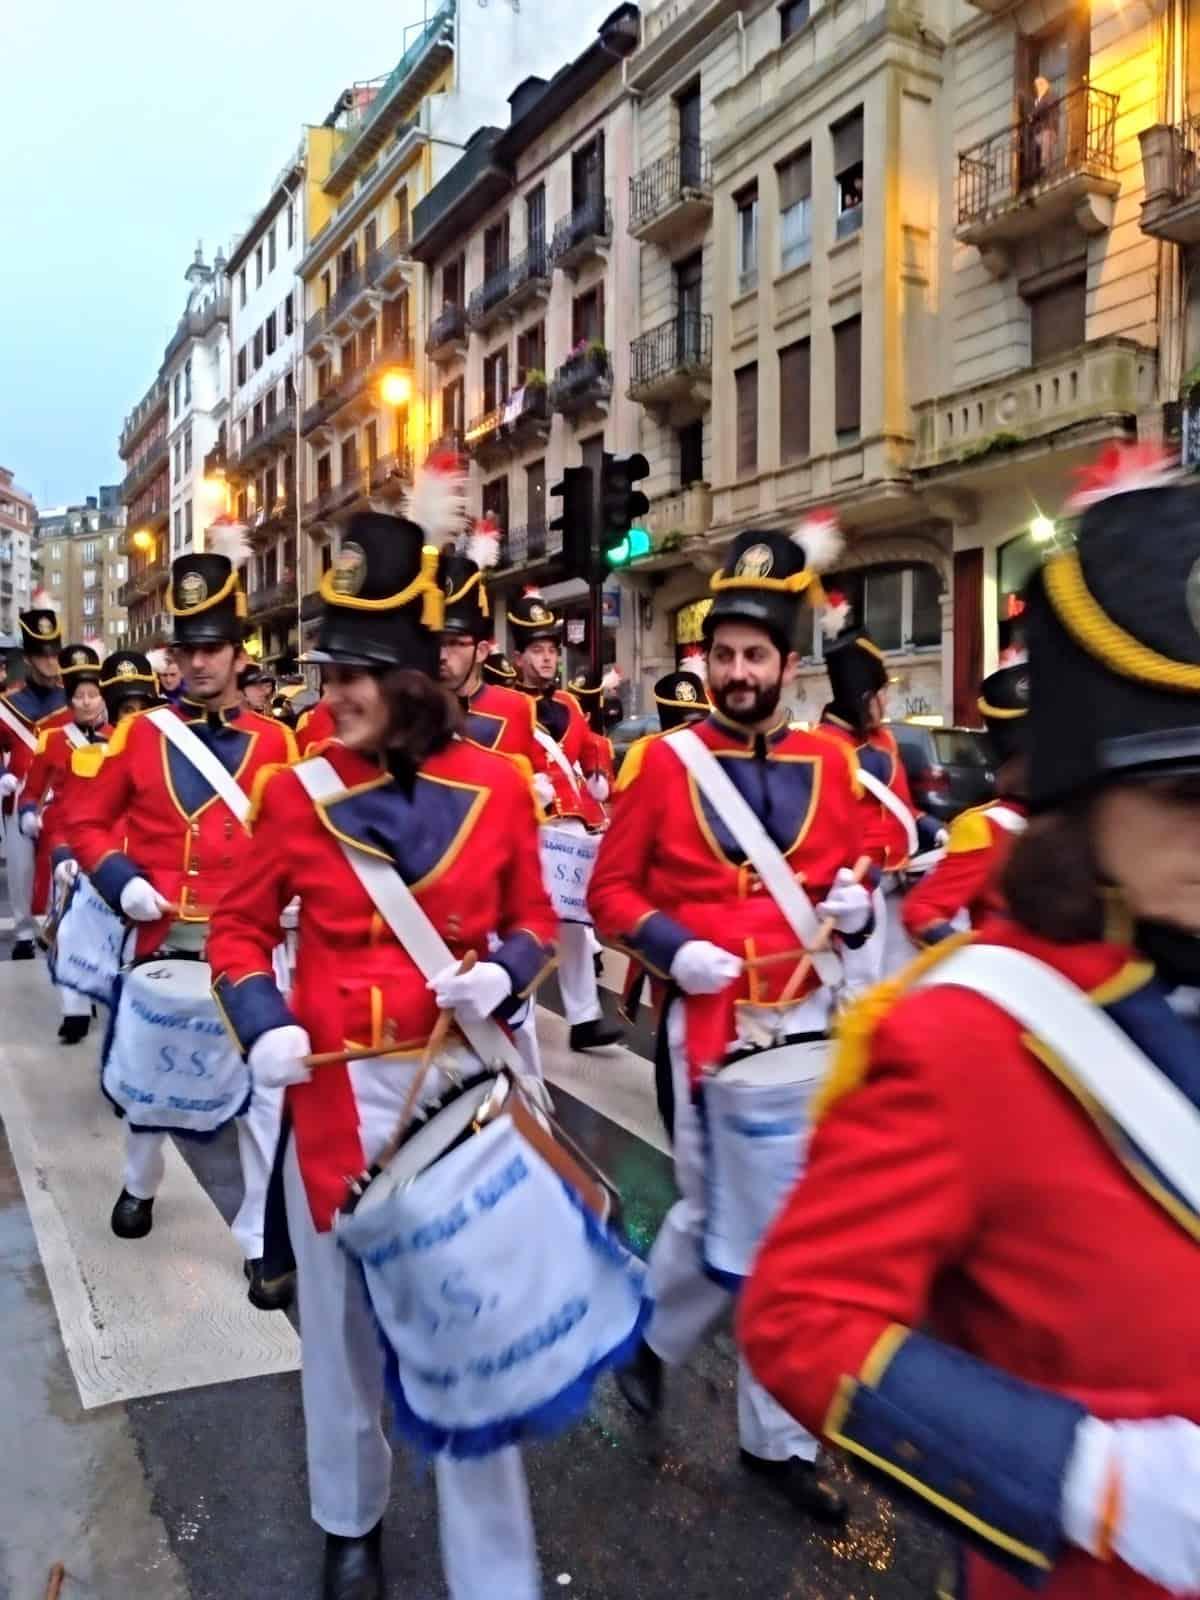 Drum line performing at the Tamborrada festival in San Sebastian